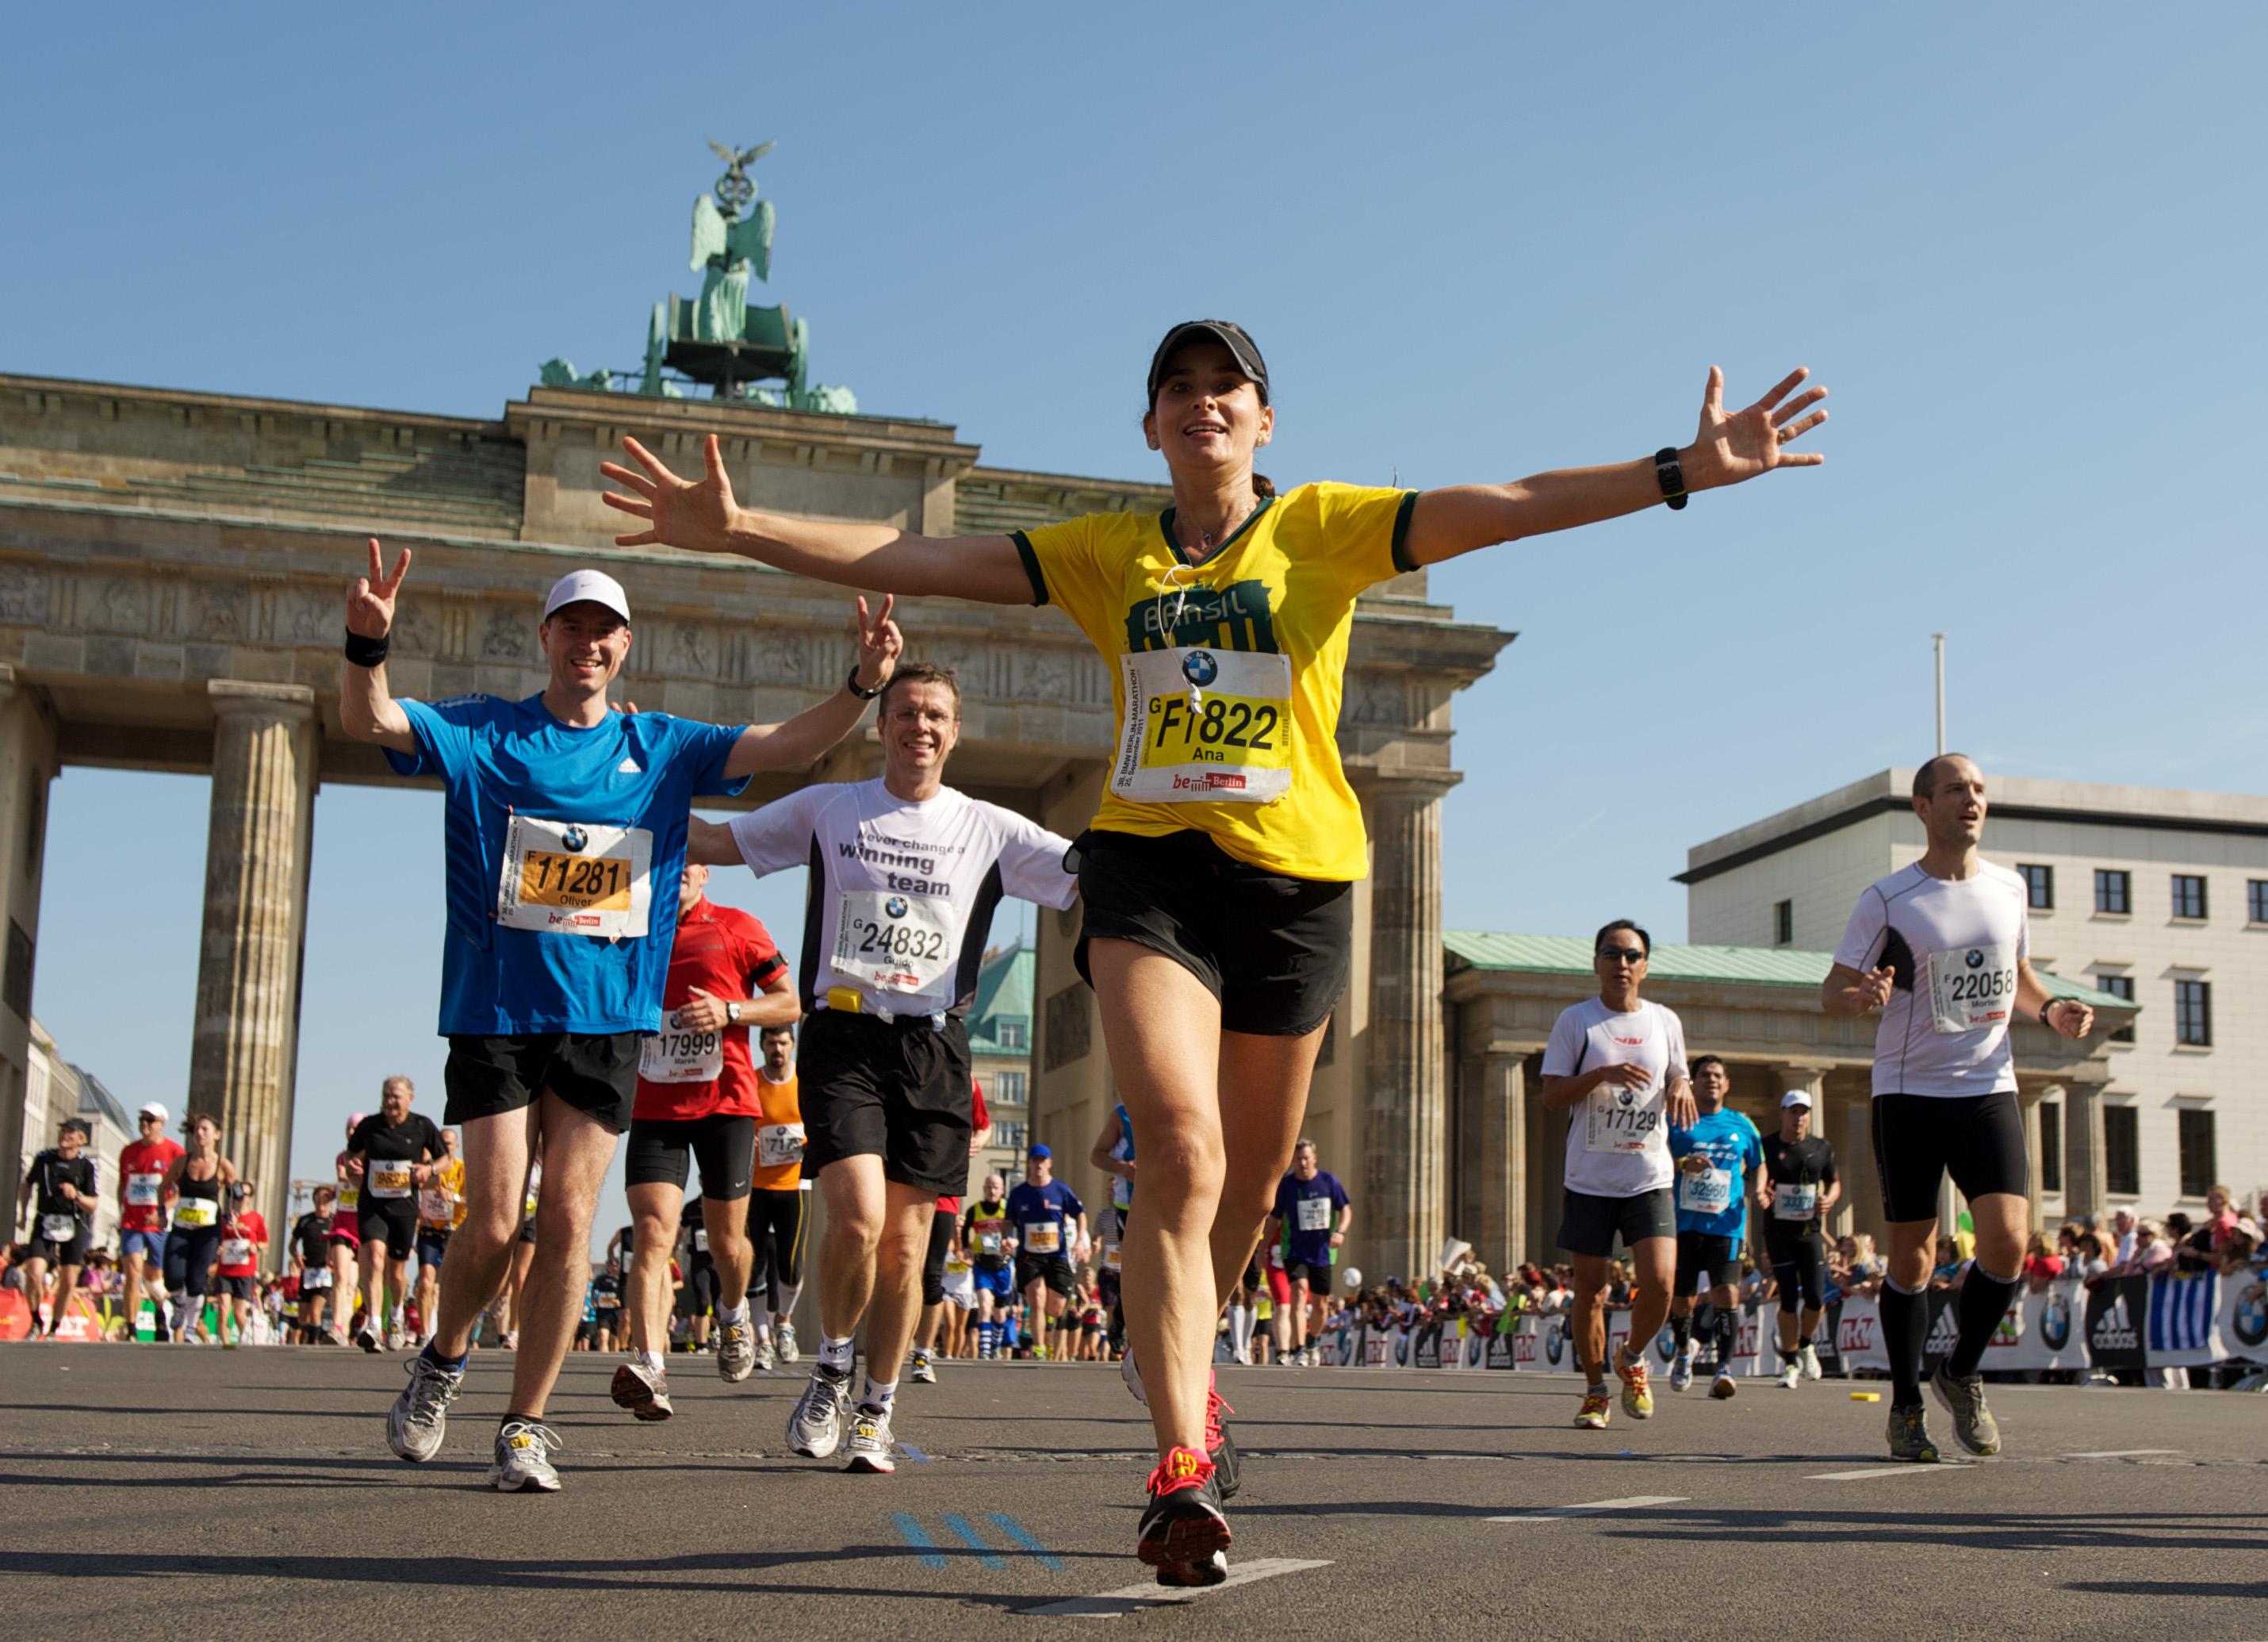 Marathon laufen heisst auch Emotionen erleben